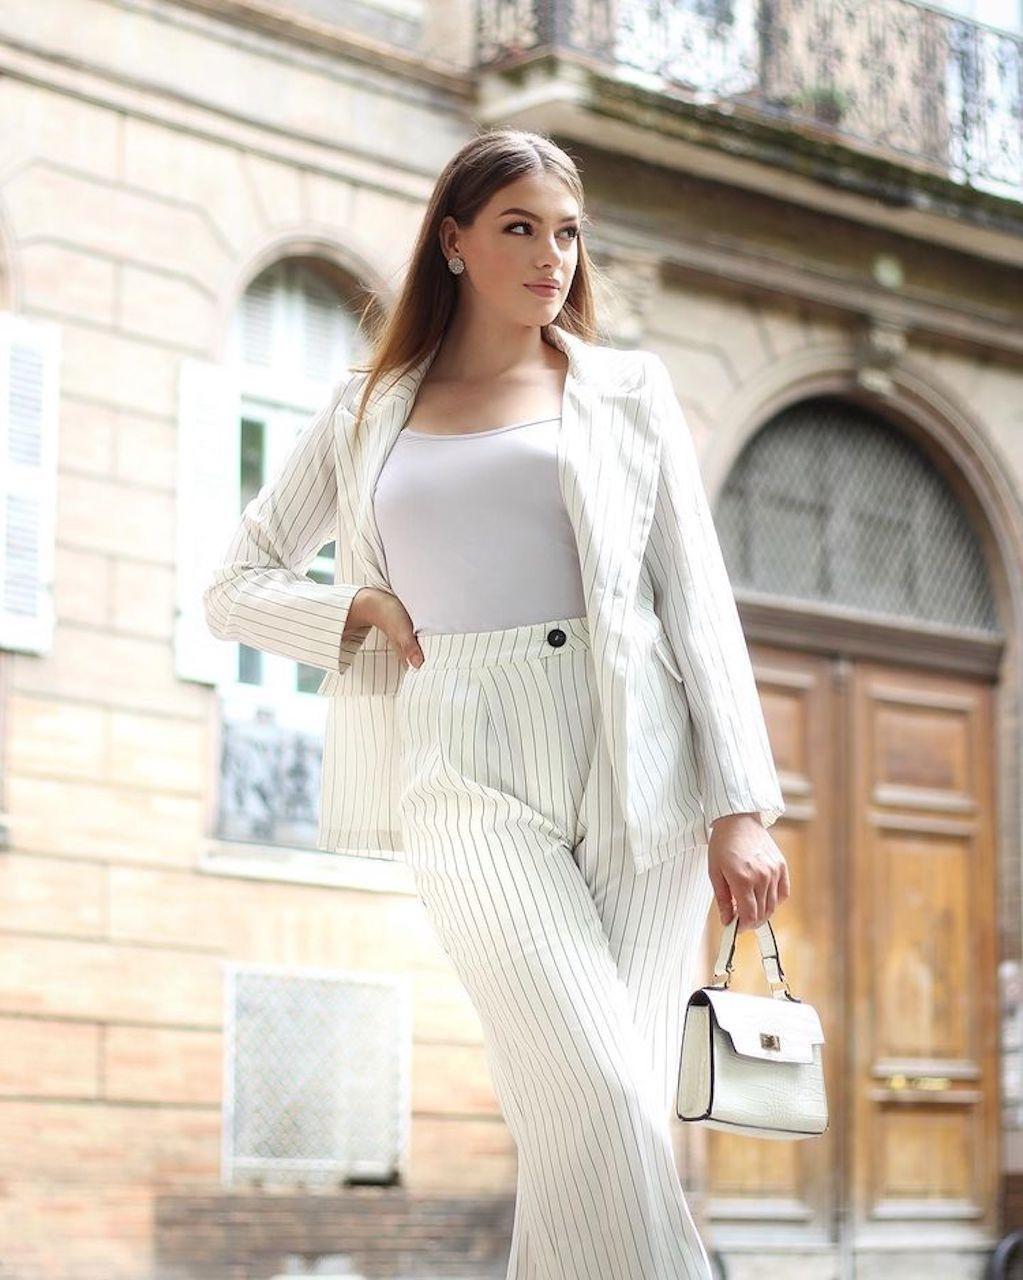 Nhan sắc quyến rũ của tân Hoa hậu Quốc tế Pháp - ảnh 10